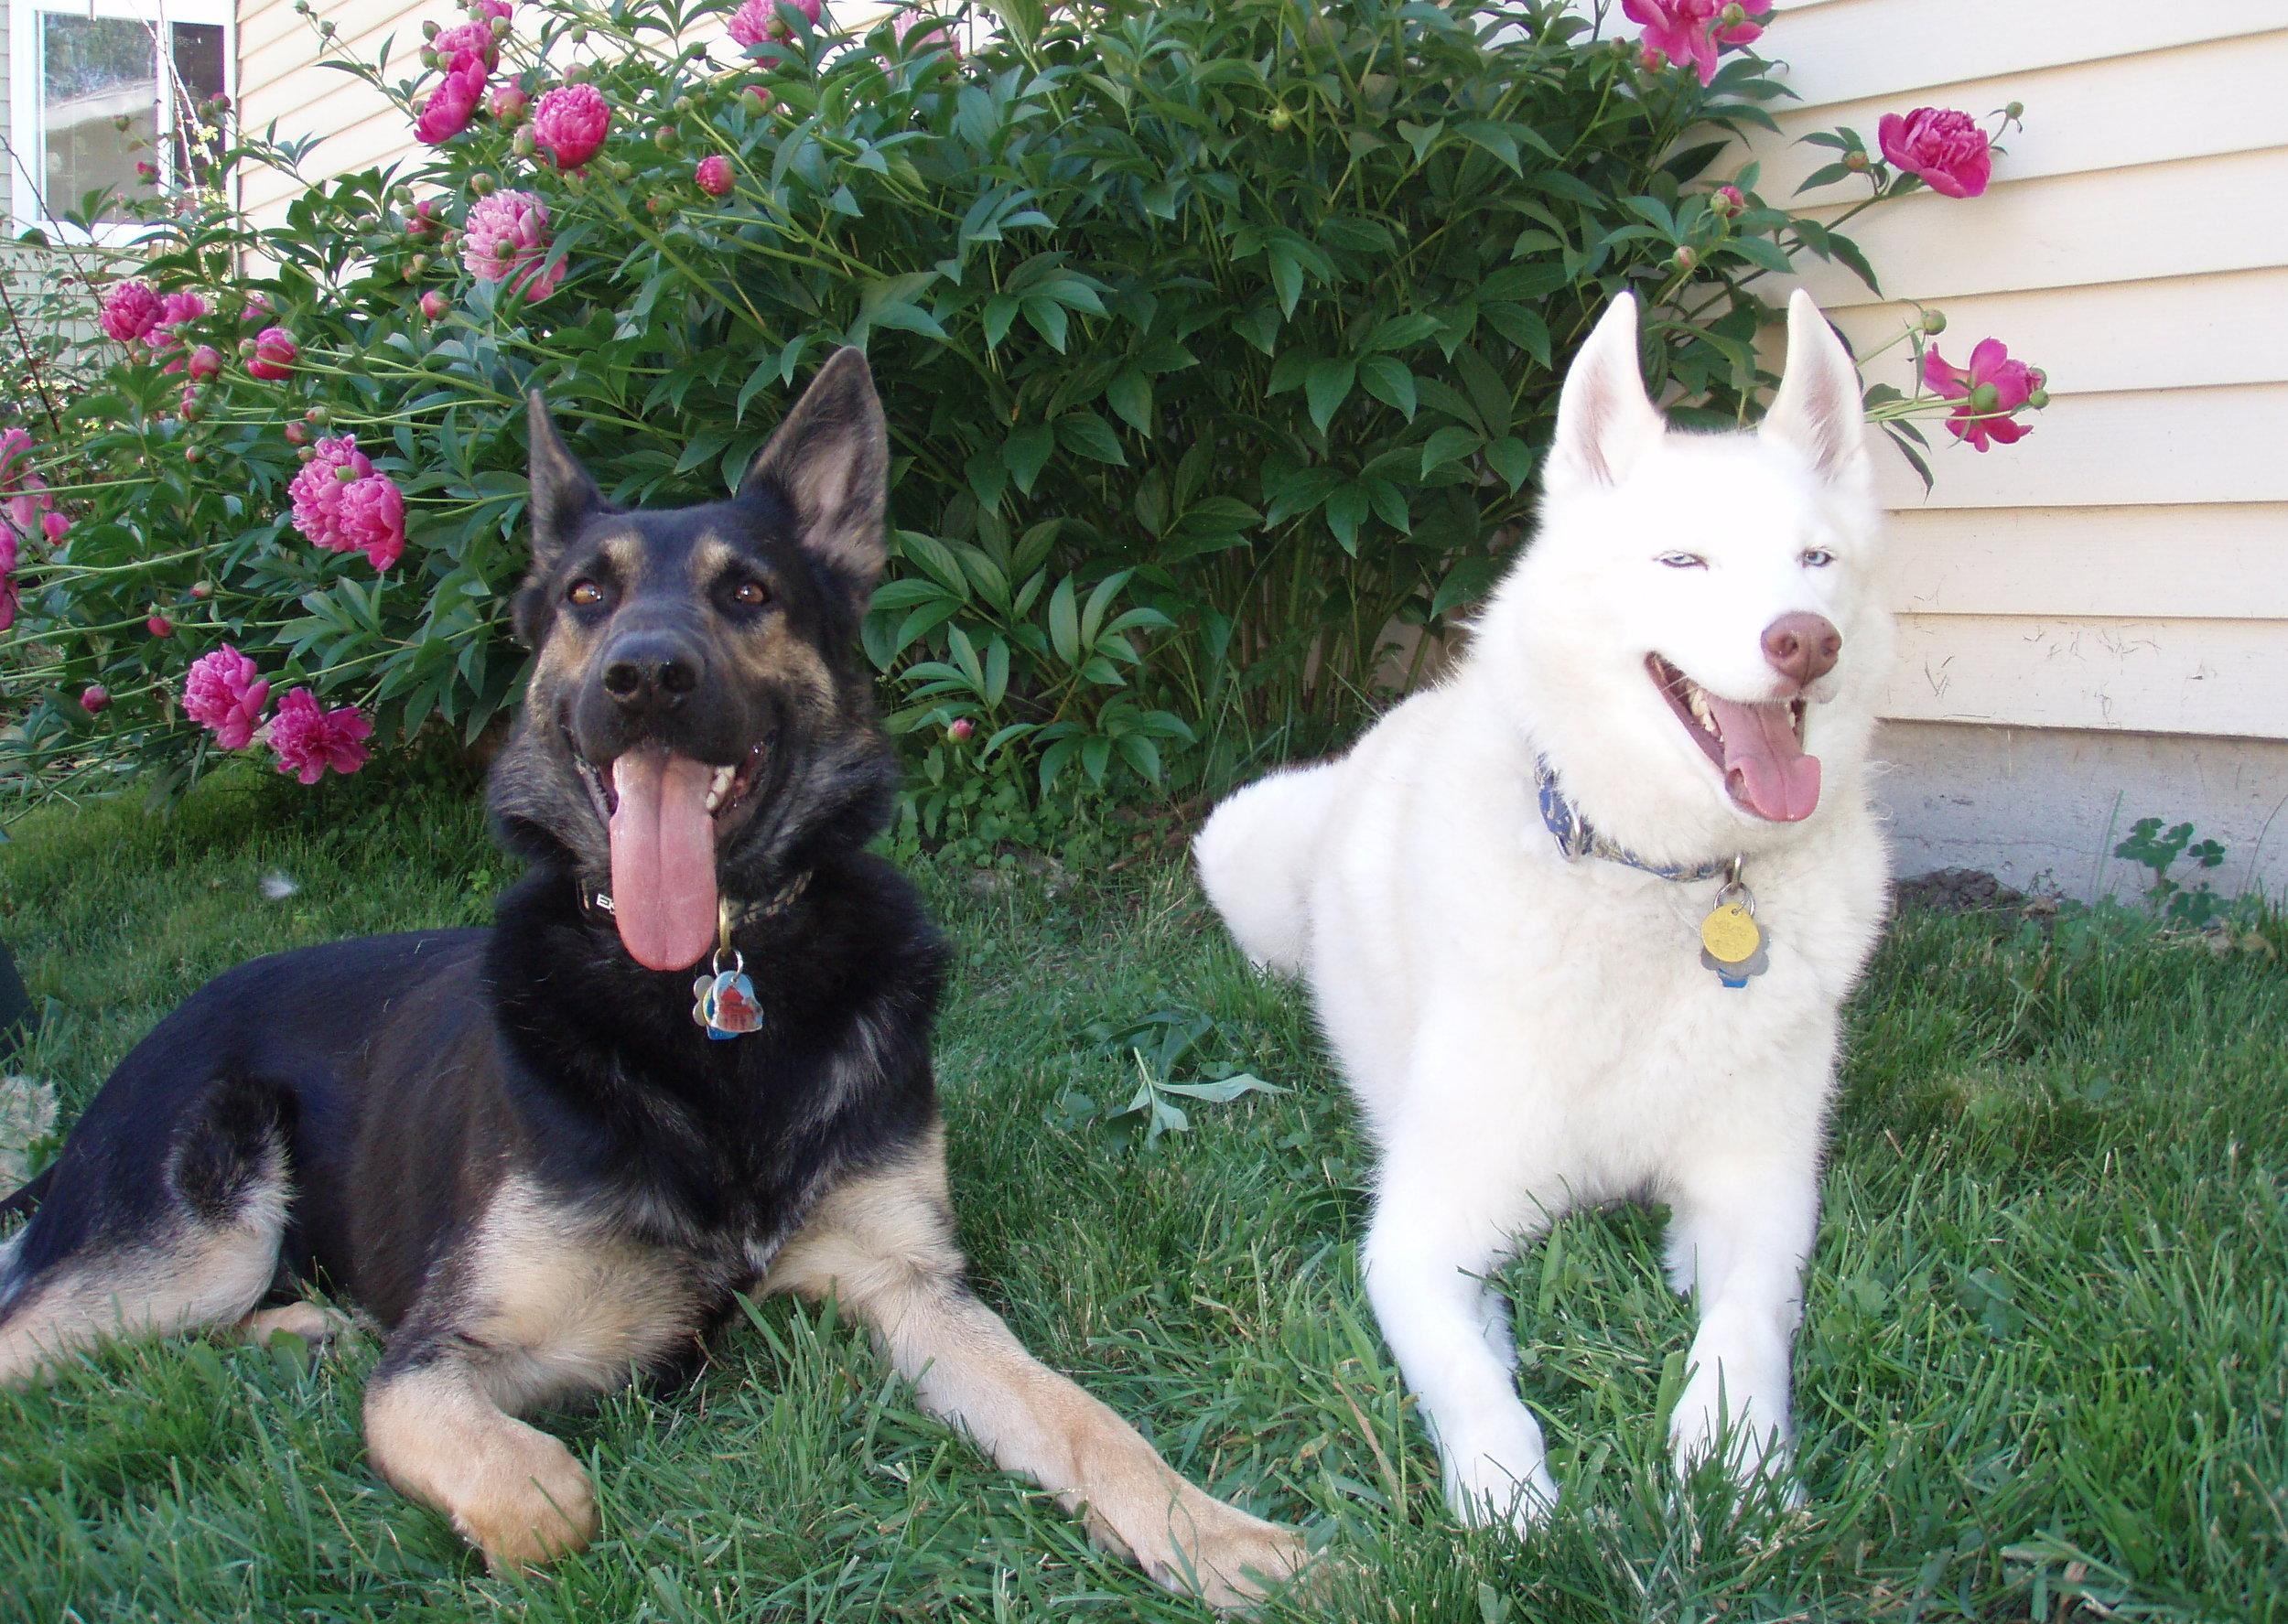 Logan and Joey - June 2006